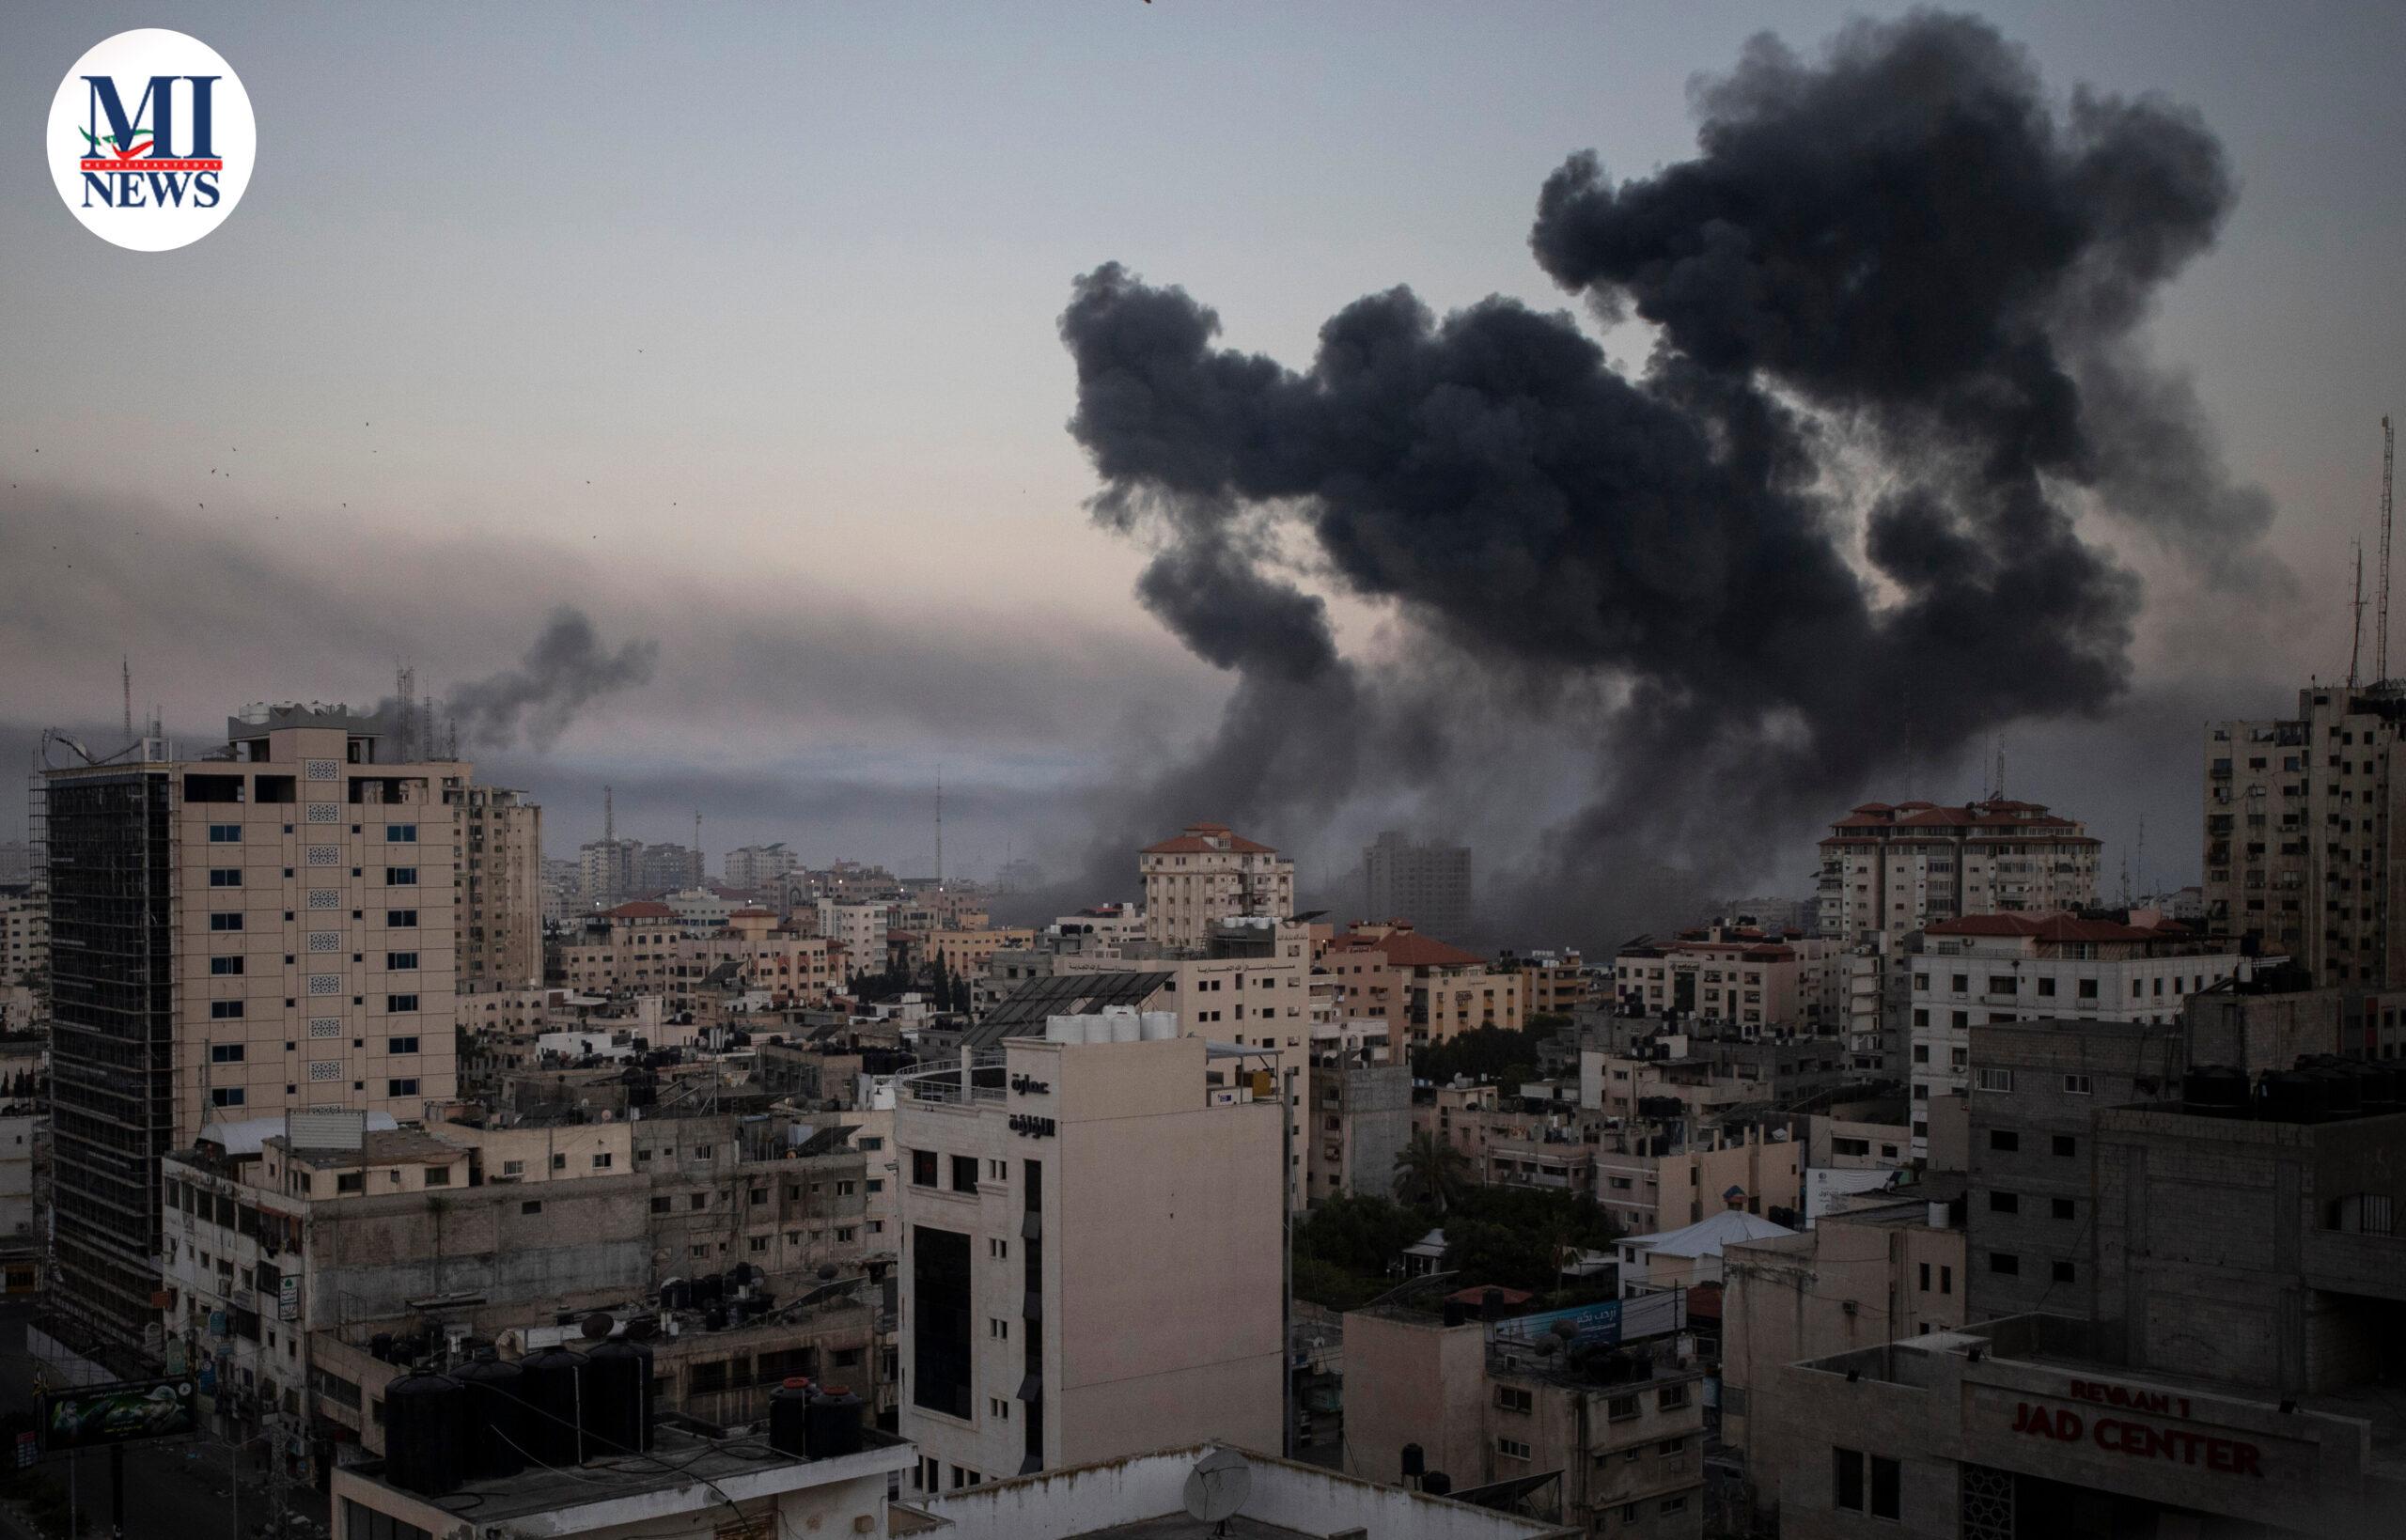 ادامه درگیری فلسطینی ها و اسرائيل: دست کم ۶۵ نفر در غزه و ۶ نفر در اسرائیل کشته شدند